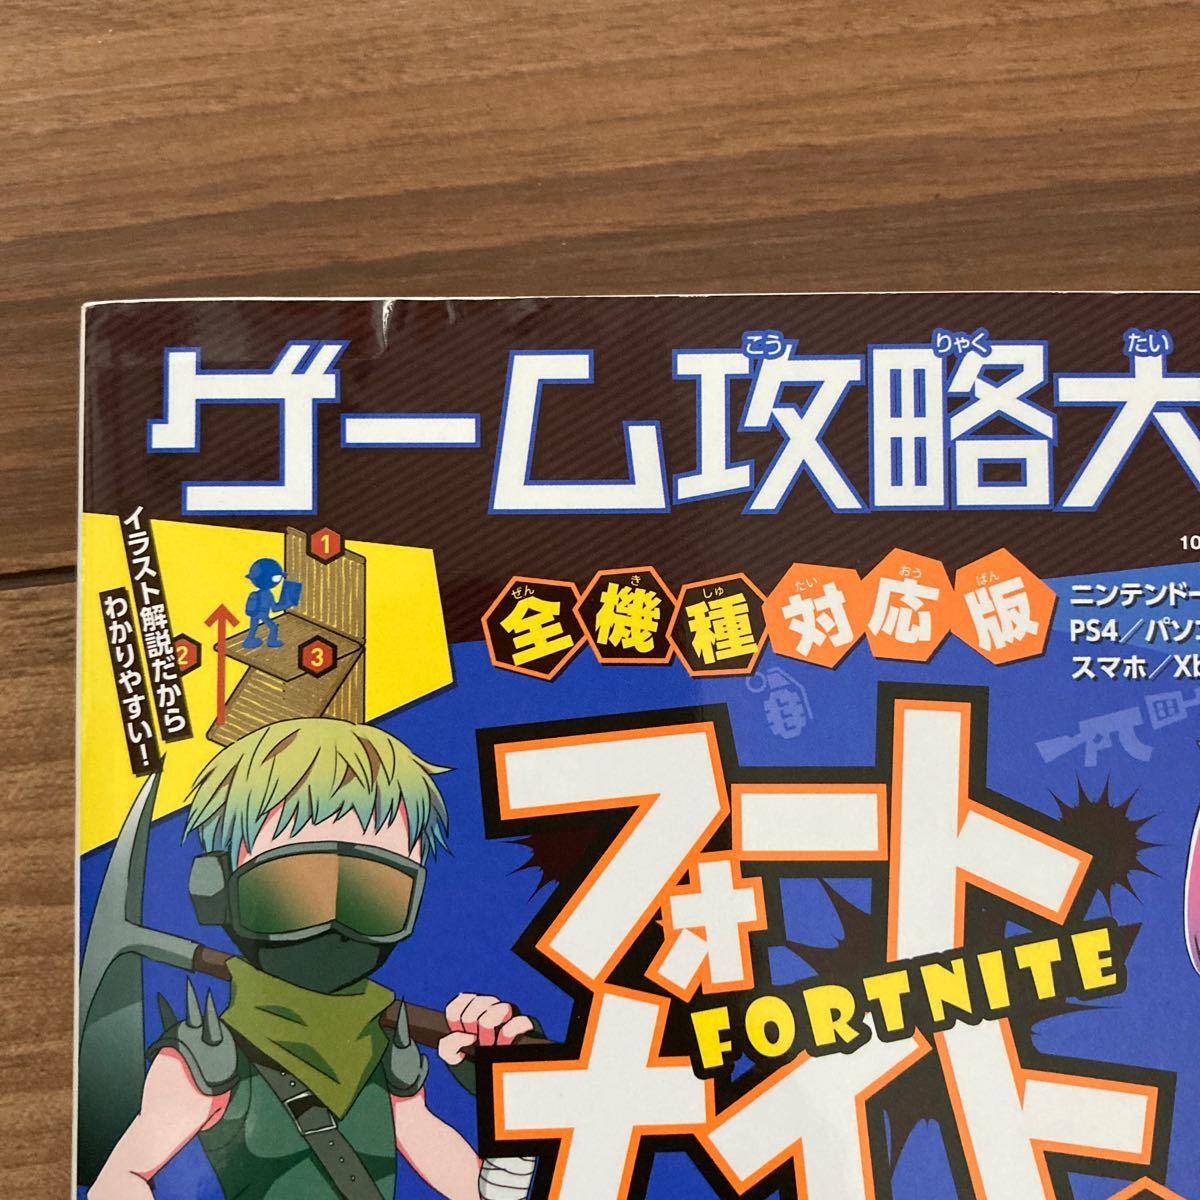 ゲーム攻略大全 Vol.15/ゲーム